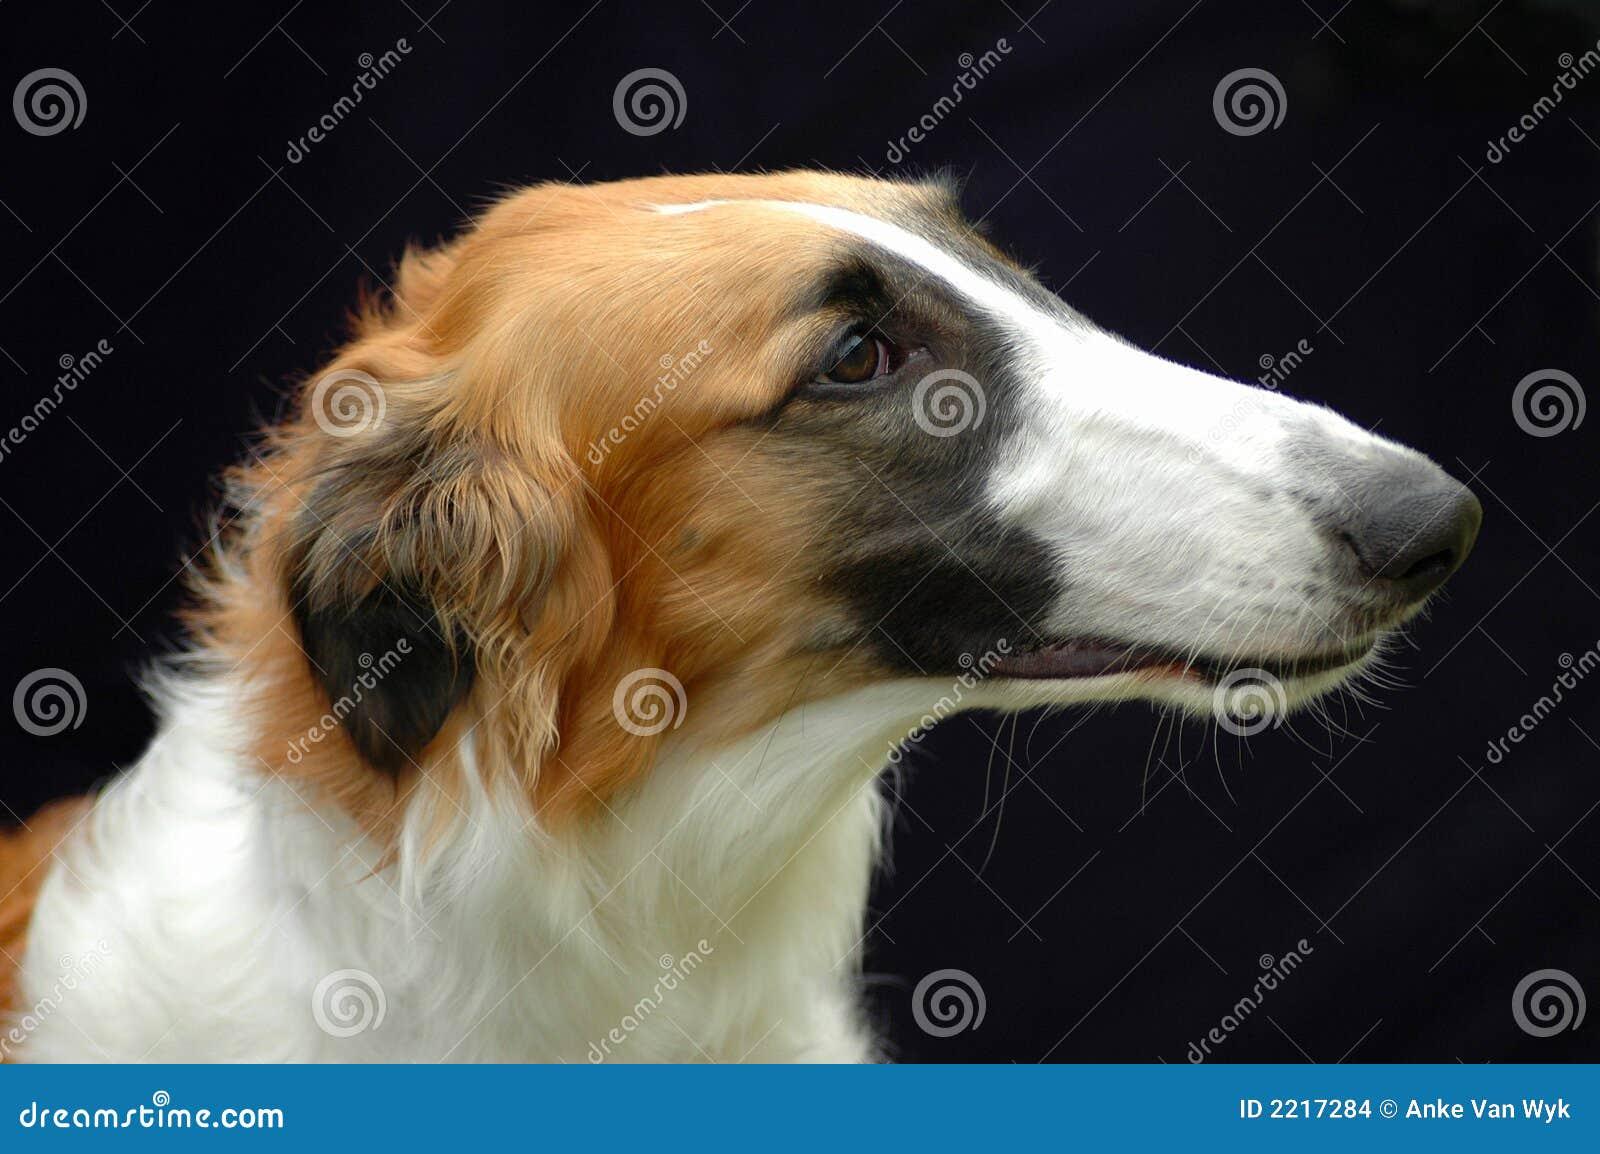 borzoi hound dog portrait stock images   image 2217284